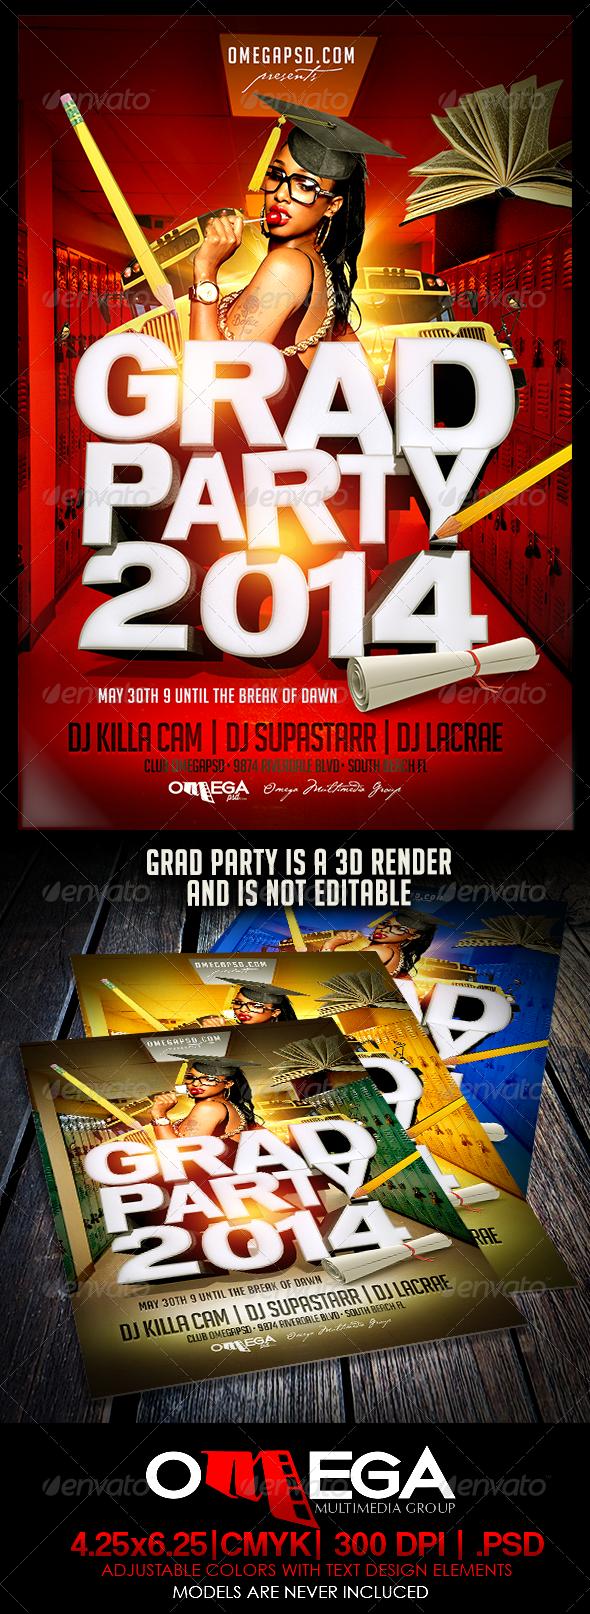 GraphicRiver Grad Party 2014 7475970